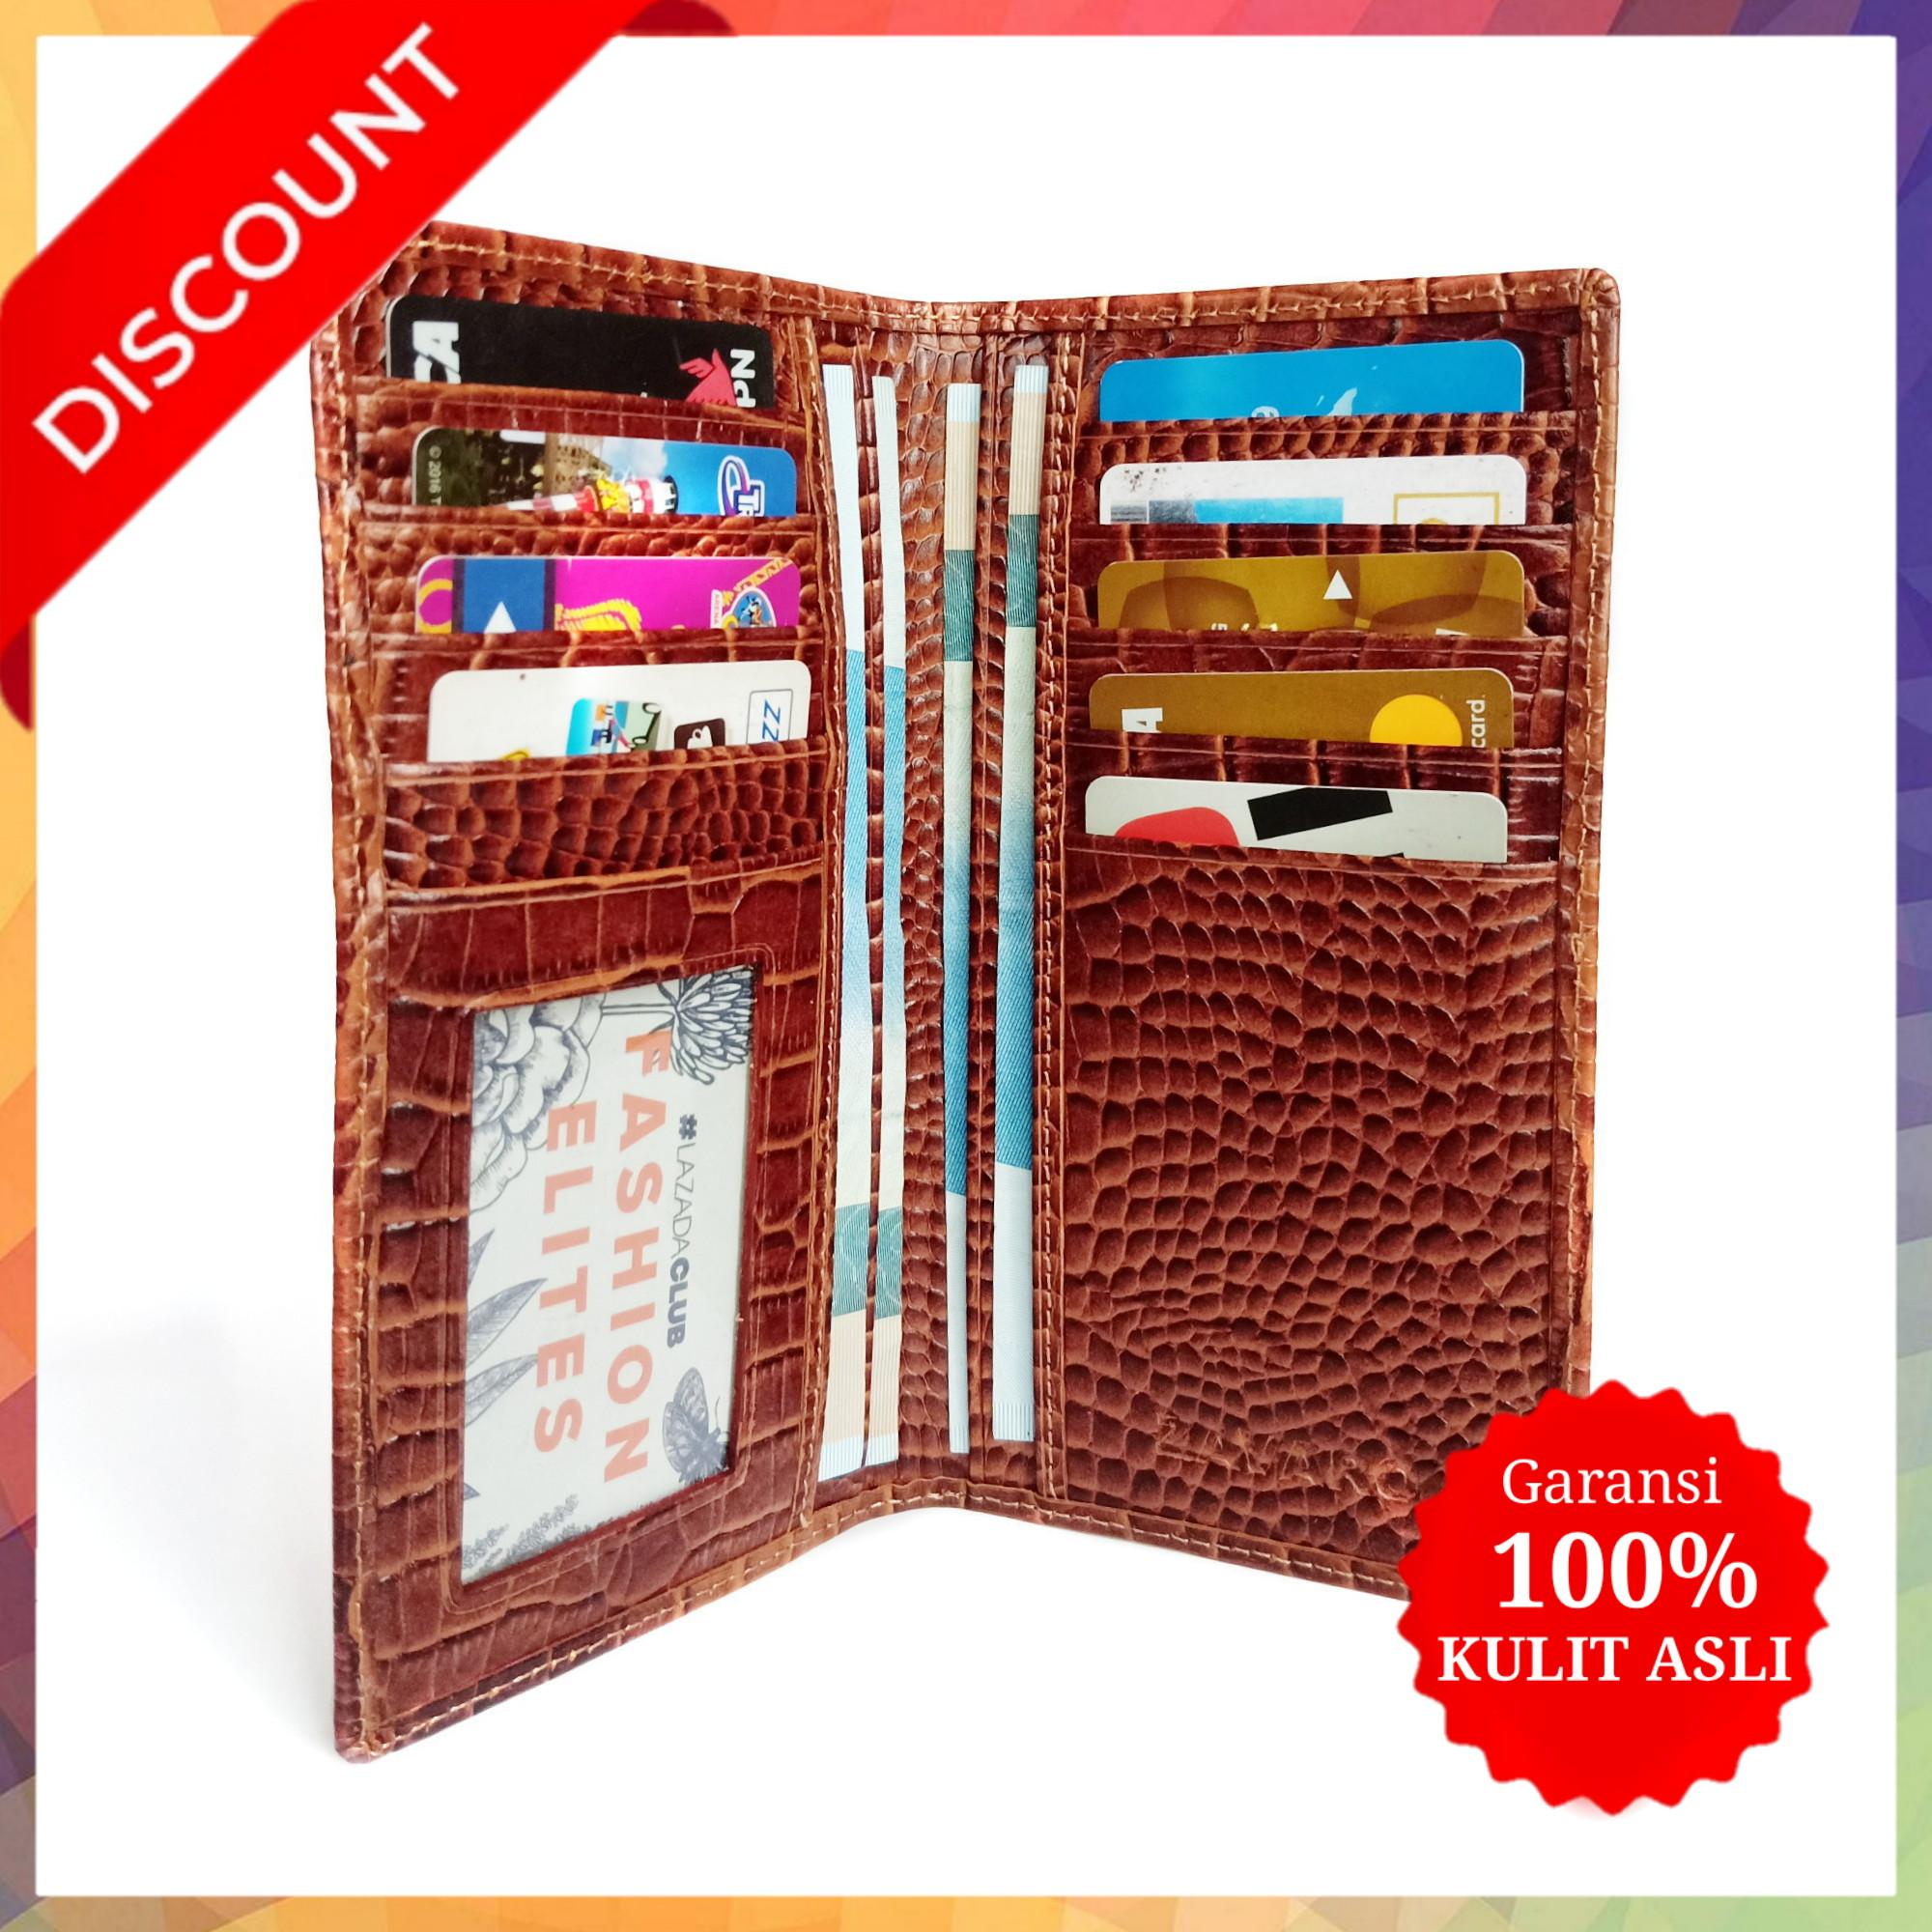 protector – dompet panjang fashion pria wanita premium quality / dompet kulit asli long 100% / dompet kulit pria design panjang / dompet kulit kartu